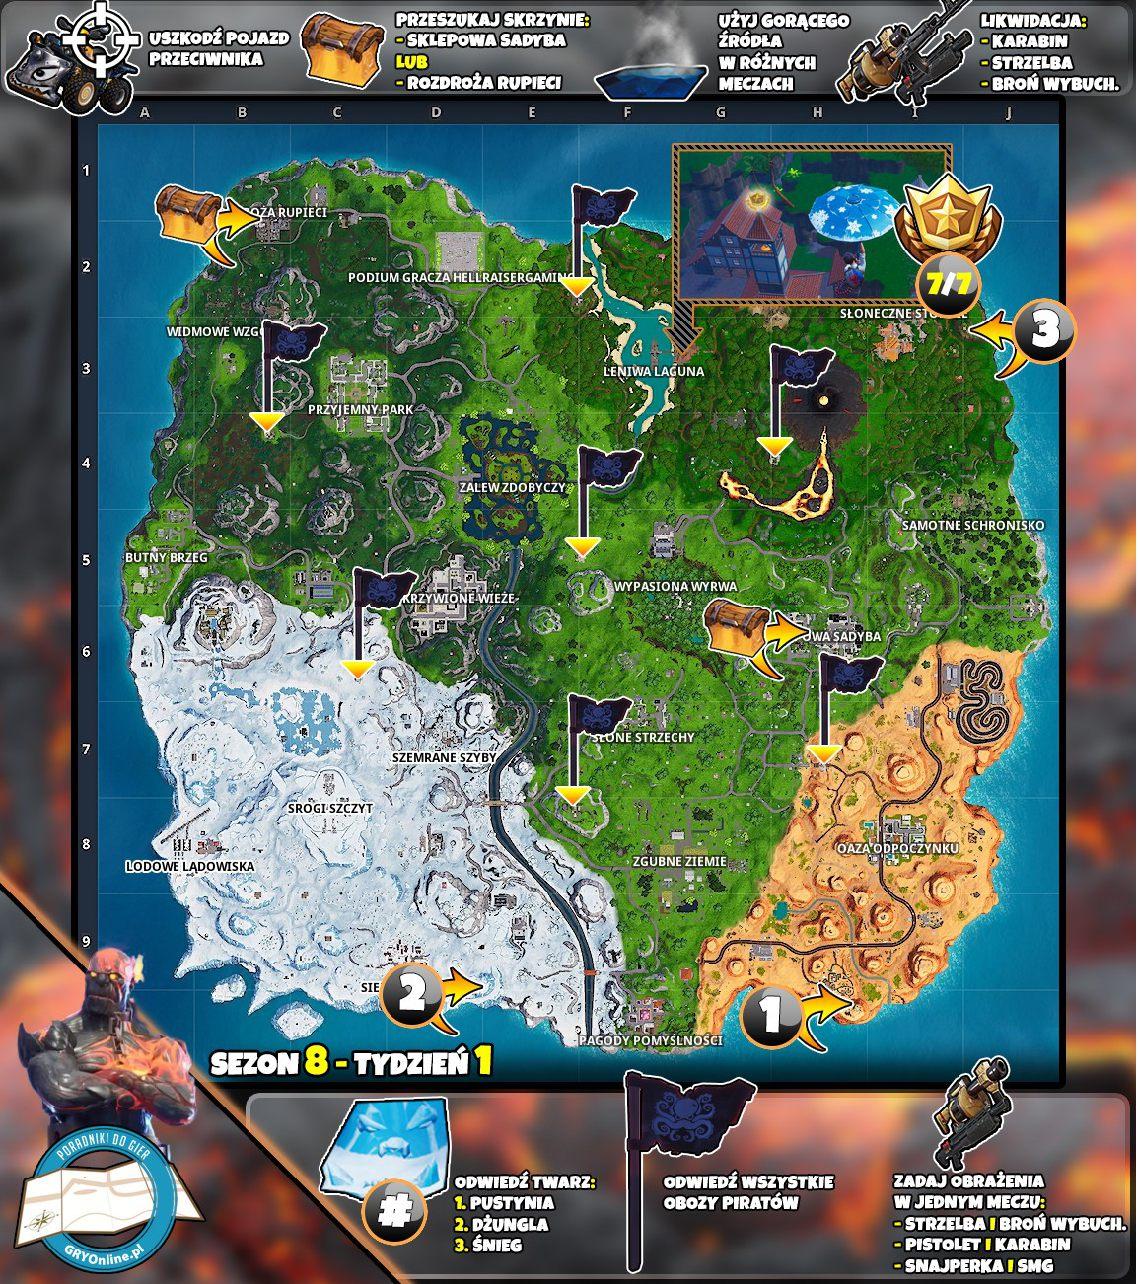 Sezon 8 Tydzień 1 W Fortnite Battle Royale Mapa I Wyzwania